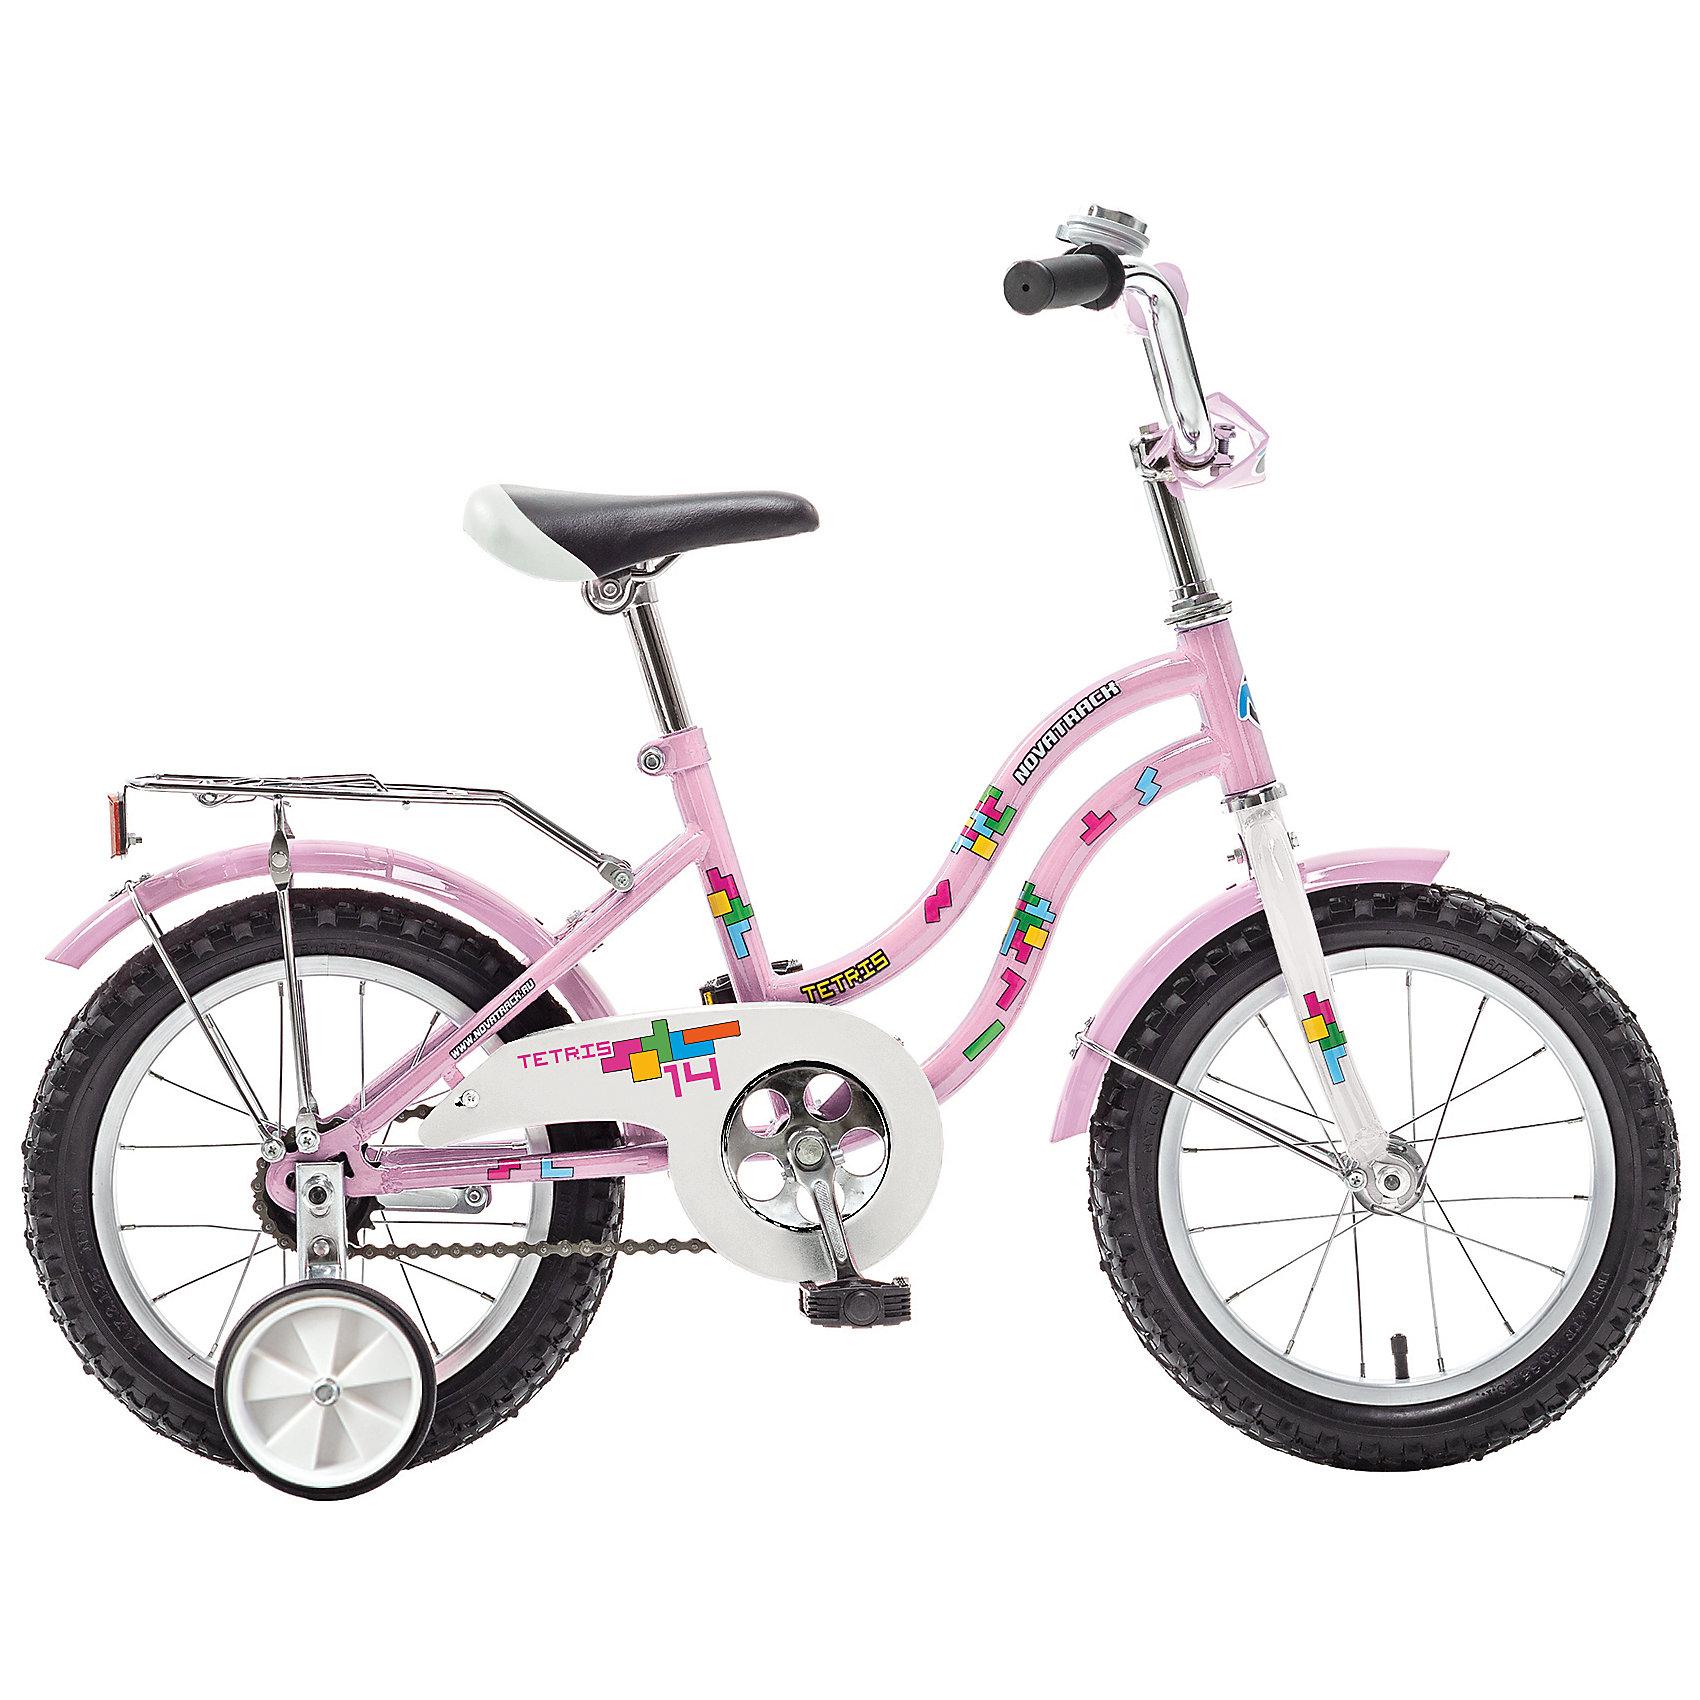 Велосипед TETRIS, розовый, 14 дюймов, NovatrackВелосипеды детские<br>Хотите, чтобы ваш ребенок как можно быстрее научился кататься на велосипеде? Тогда вам подойдет новинка - Novatrack Tetris 14, предназначенный для детей 3-5 лет. Его универсальная легкая и прочная рама подойдет как мальчикам, так и девочкам. Привлекательный дизайн, надежная сборка, легкость и отличная управляемость – это еще не все плюсы данной модели. Велосипед оснащен ограничителем поворота руля – специальной функцией, которая не позволит переднему колесу совершить поворот под большим углом, тем самым обезопасит от падения. Обратите внимание на багажник с зажимом – обязательный атрибут любого детского велосипеда, ведь как же еще перевозить свои игрушки и другие нужные мелочи во время прогулок? Для комфортных поездок по сложной трассе либо по пересеченной местности велосипед оборудован двумя дополнительными съемными колесами, благодаря которым маленький наездник будет чувствовать себя увереннее. Ножной тормоз позволит бытро затормозить в случае необходимости. А крылья в цвет велосипеда защитят ребенка от брызг во время езды.<br><br>Ширина мм: 810<br>Глубина мм: 185<br>Высота мм: 410<br>Вес г: 11000<br>Возраст от месяцев: 48<br>Возраст до месяцев: 72<br>Пол: Унисекс<br>Возраст: Детский<br>SKU: 5613218